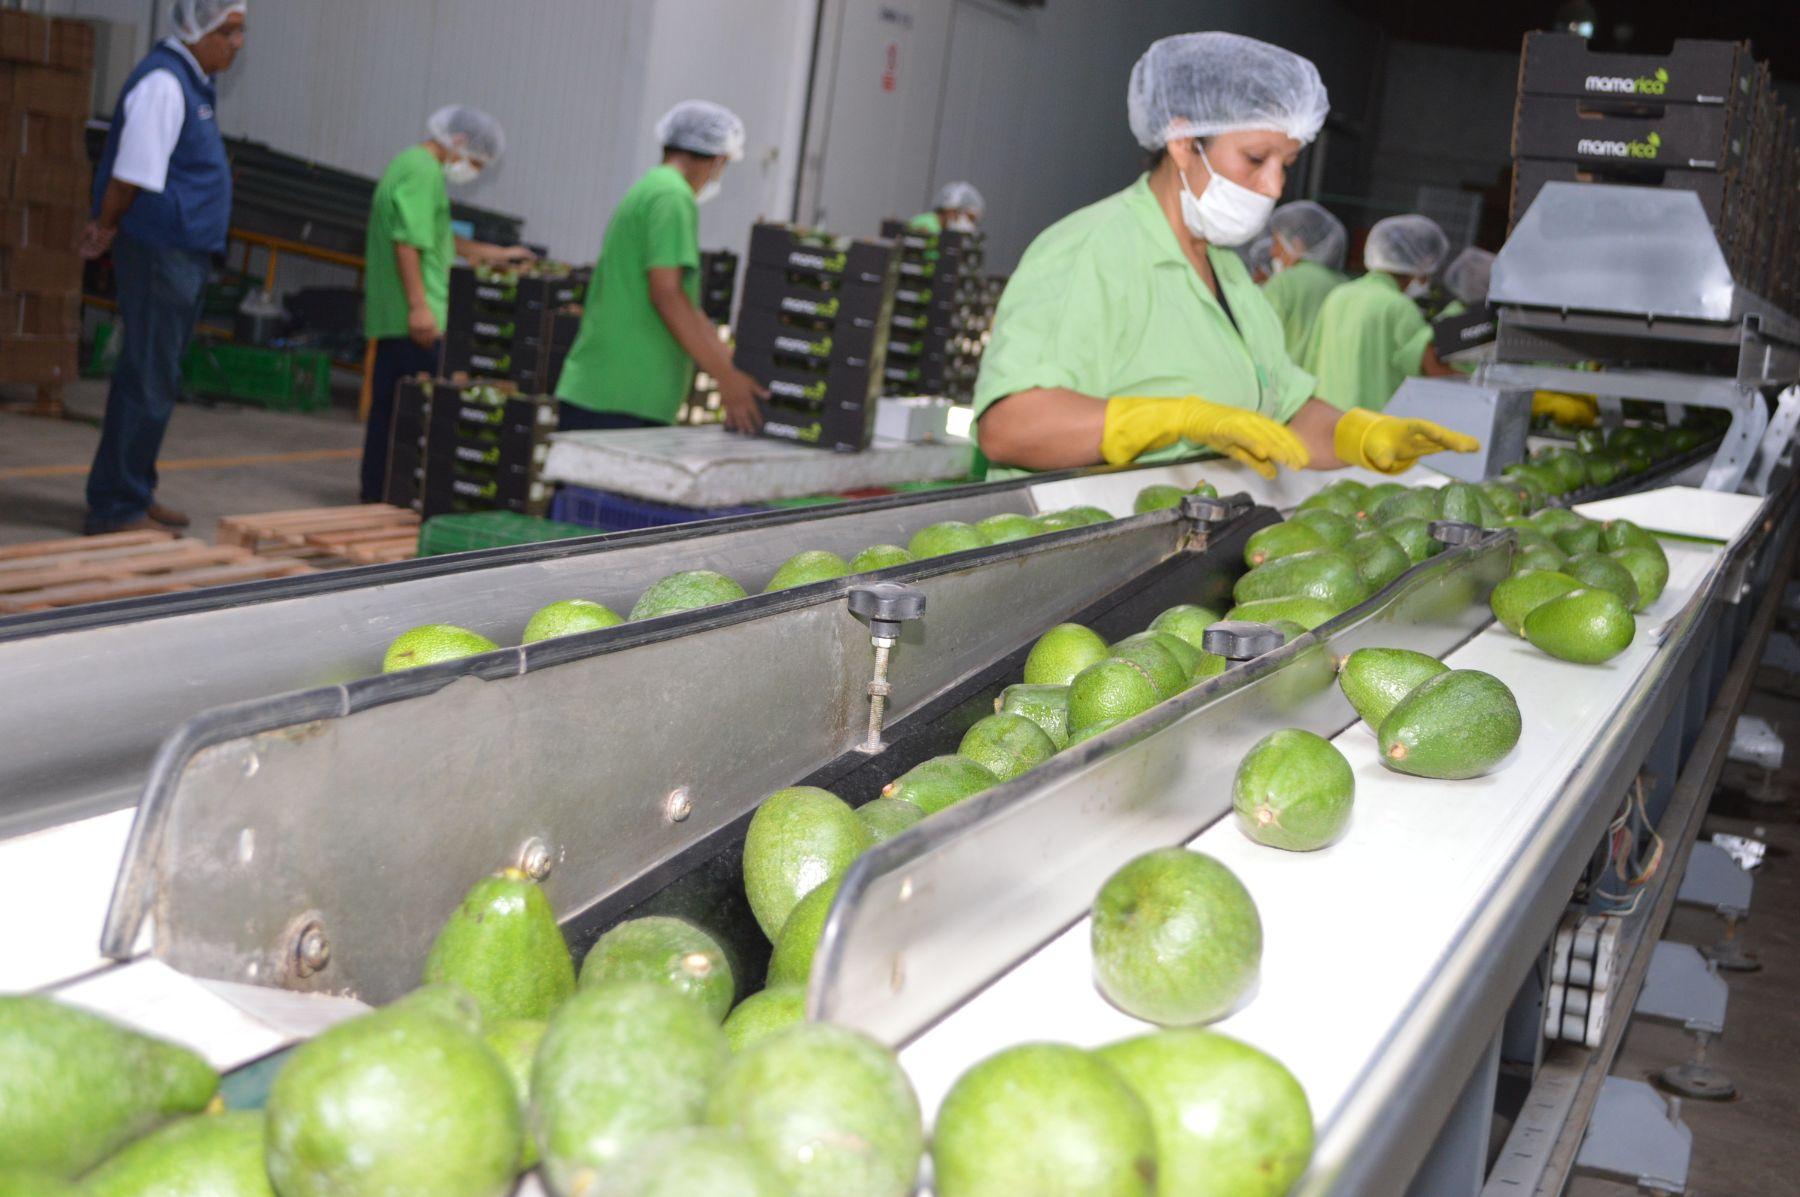 Industria de alimentos peruana se consolida en la costa oeste de Estados Unidos